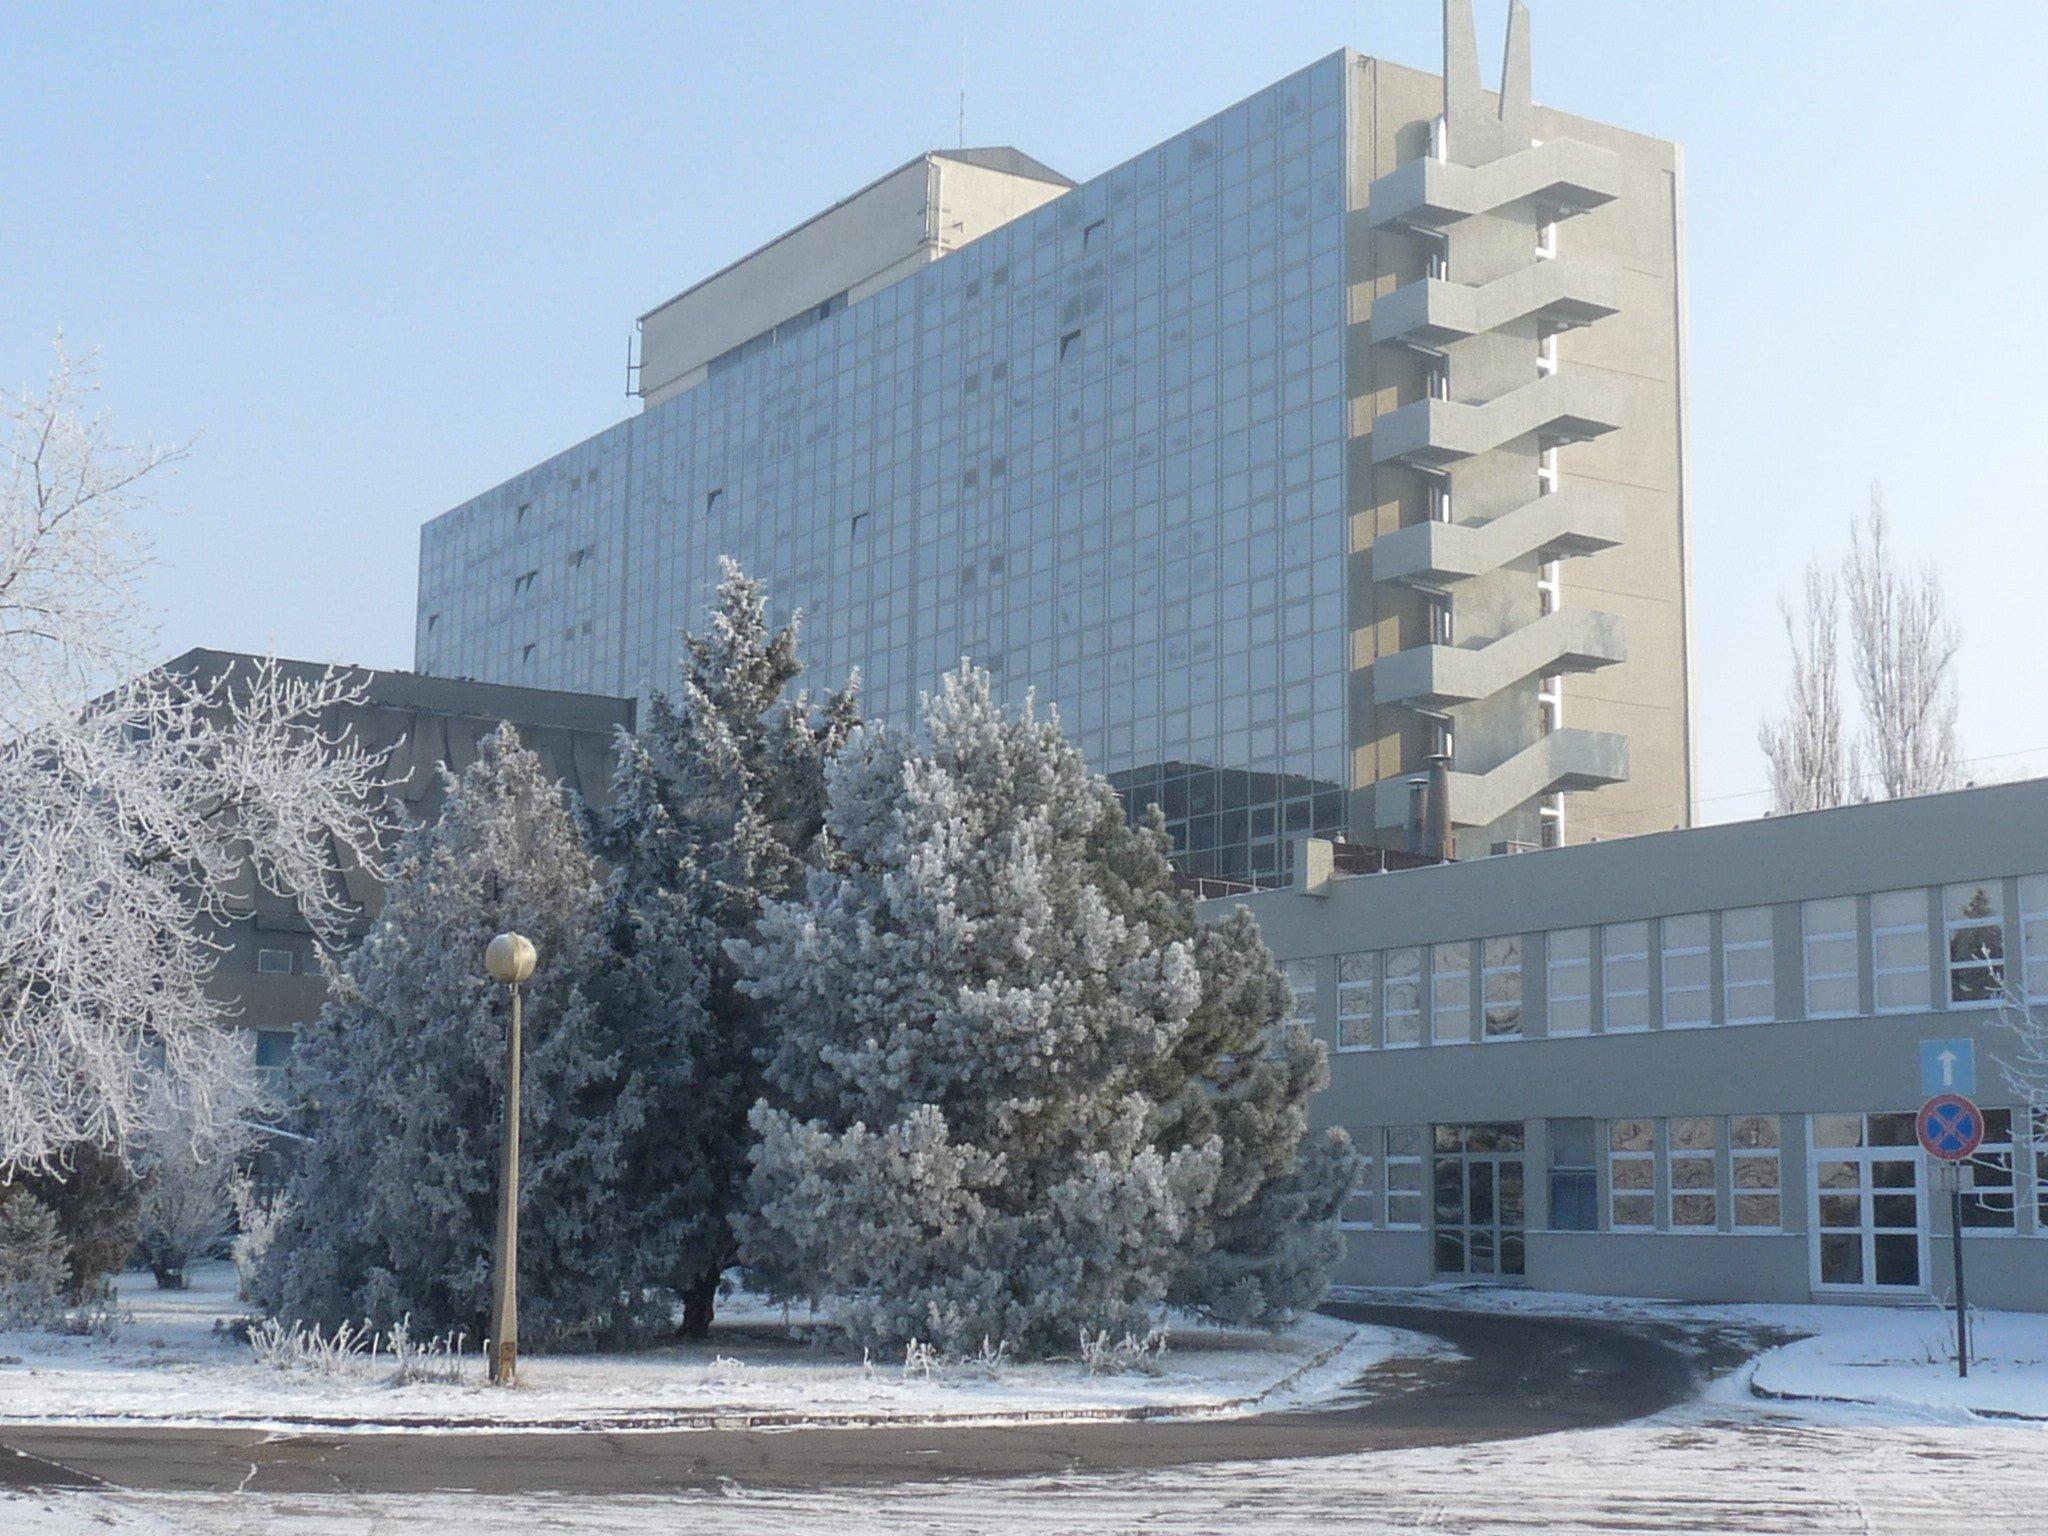 3,5 milliárd forint értékű fejlesztés történt 2010 óta a karcagi Kátai kórházban